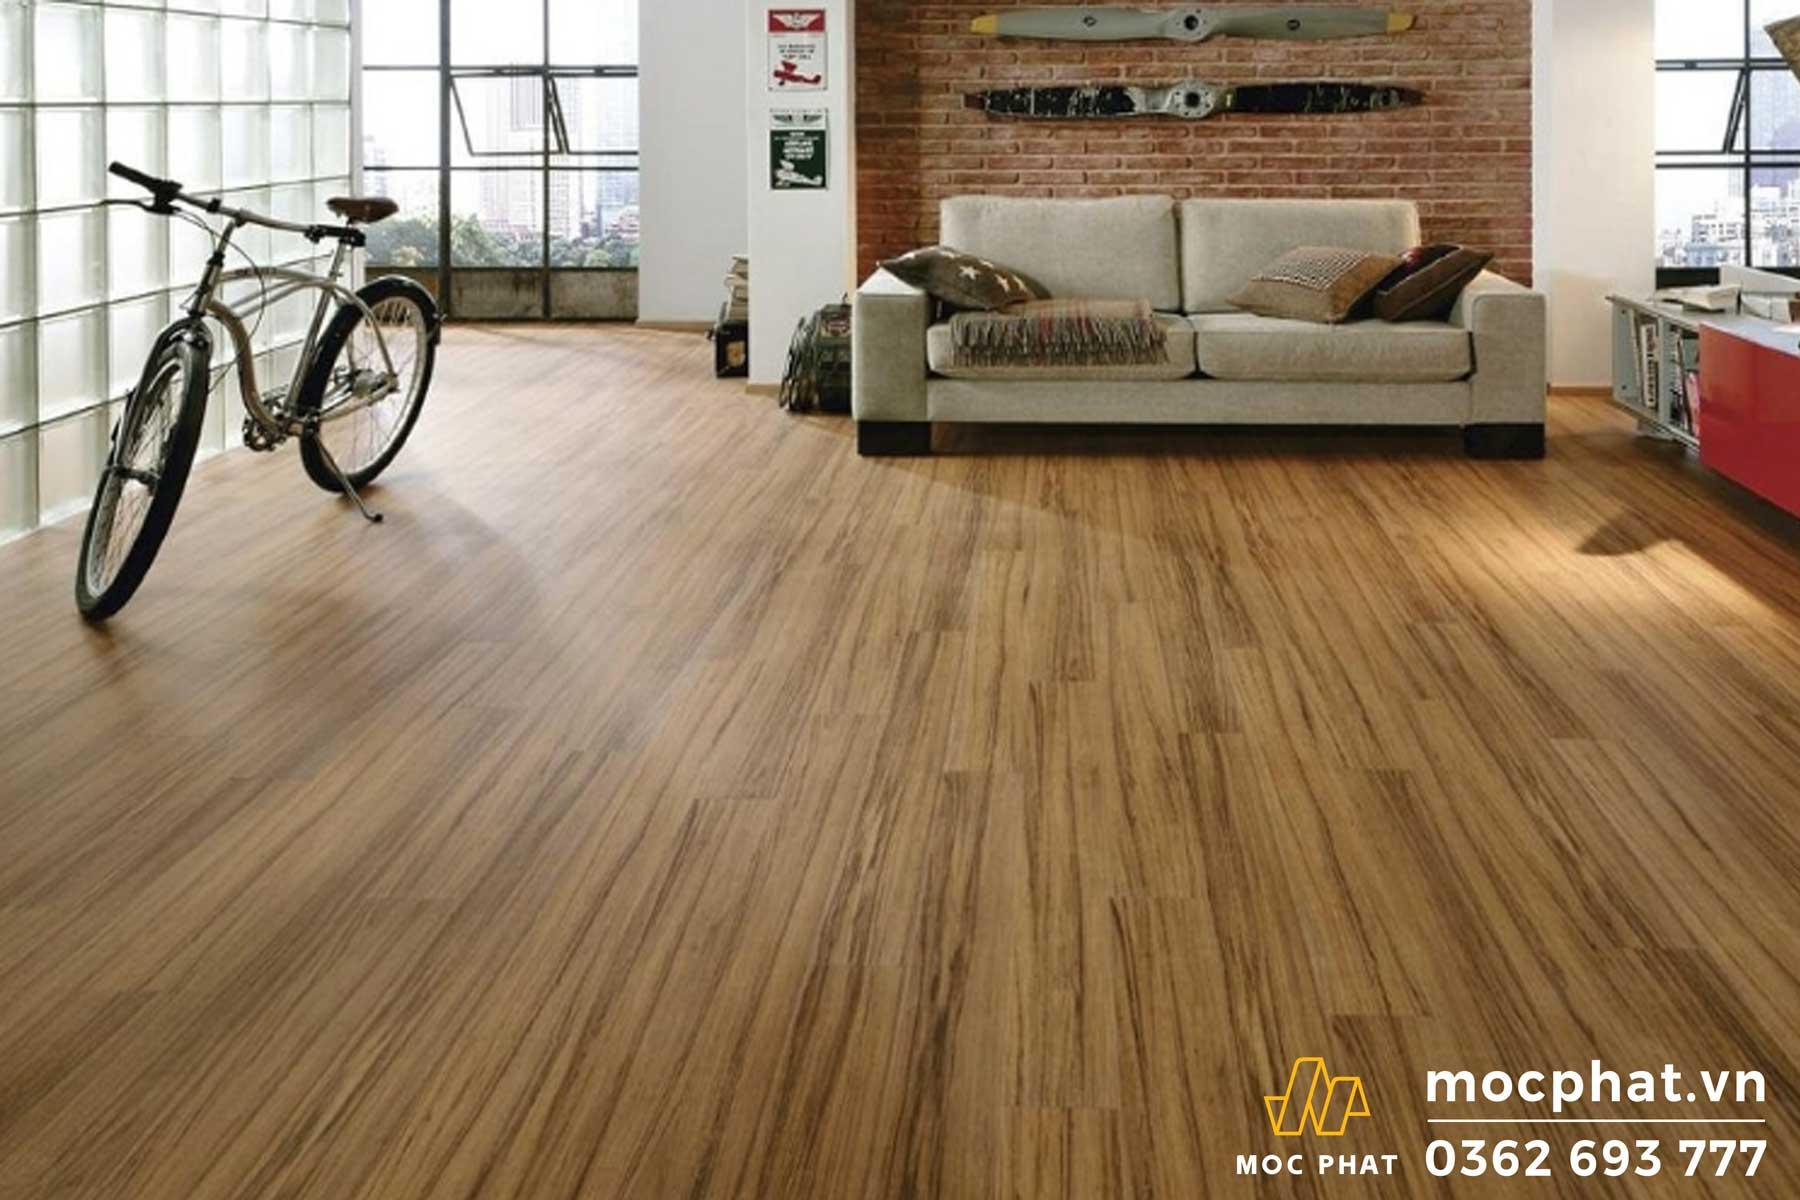 Sàn gỗ MDF phủ laminate có độ bền cao